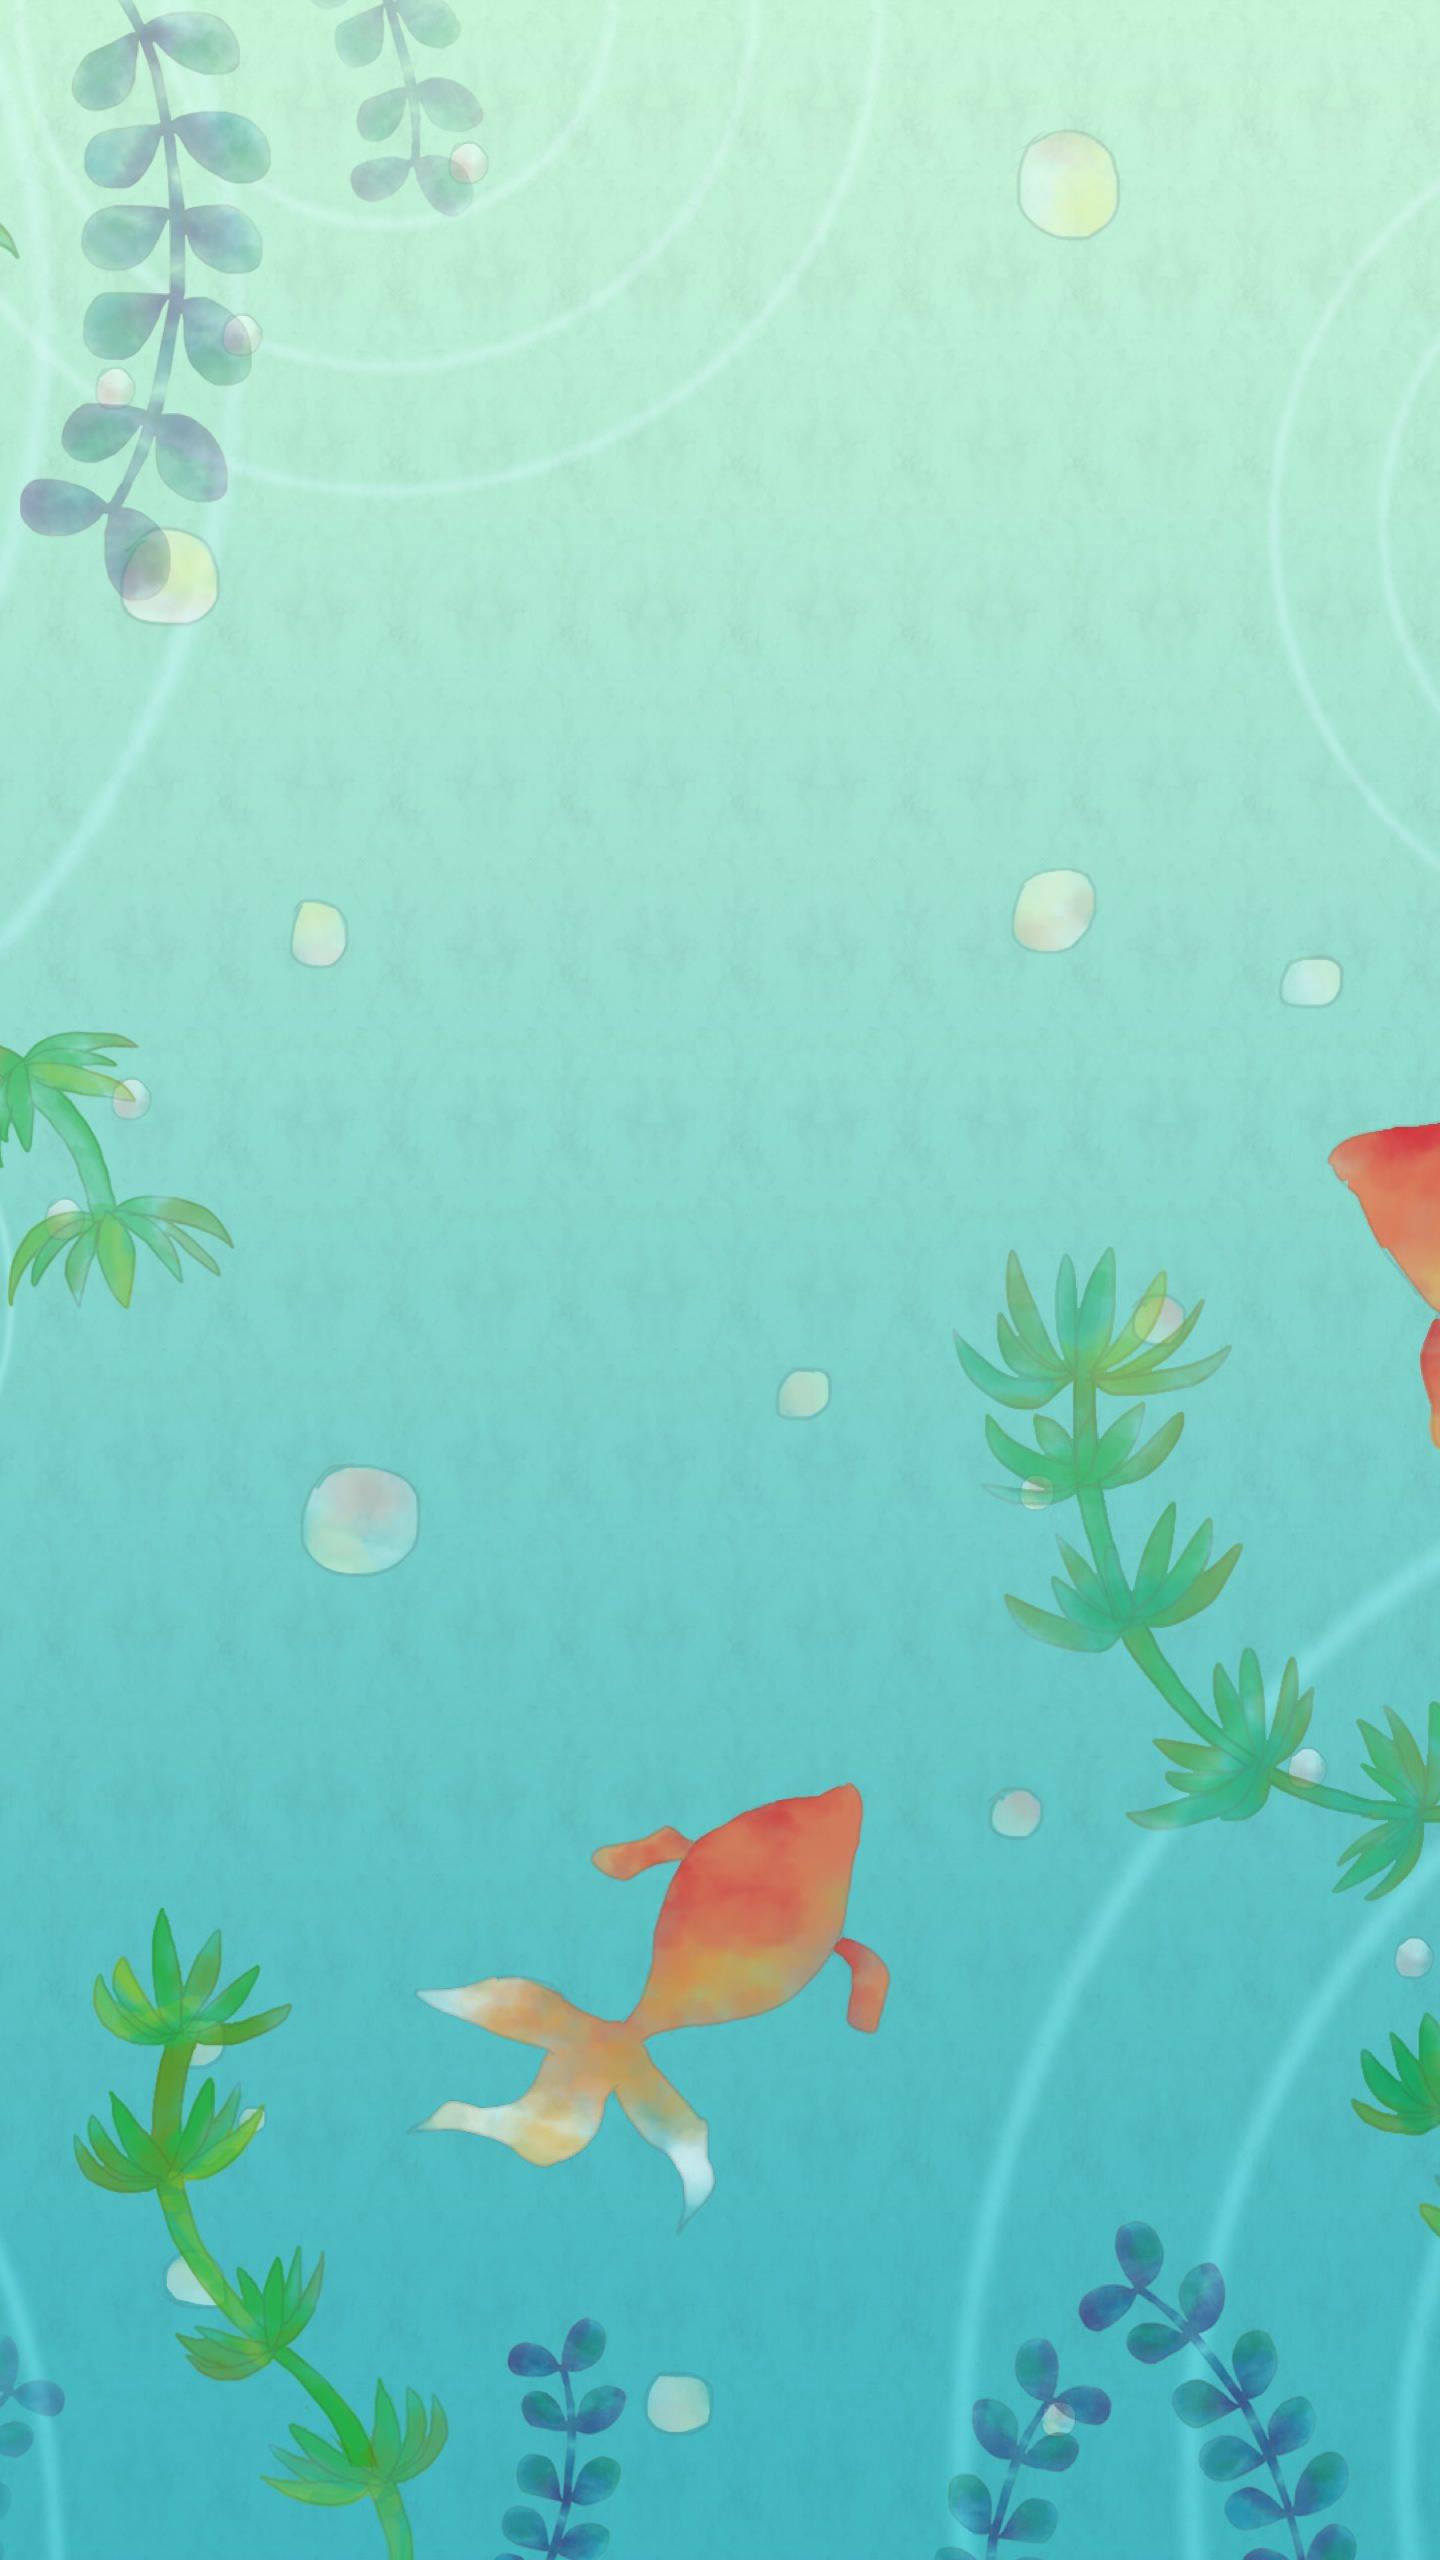 金魚イラスト Wallpaper Sc スマホ壁紙